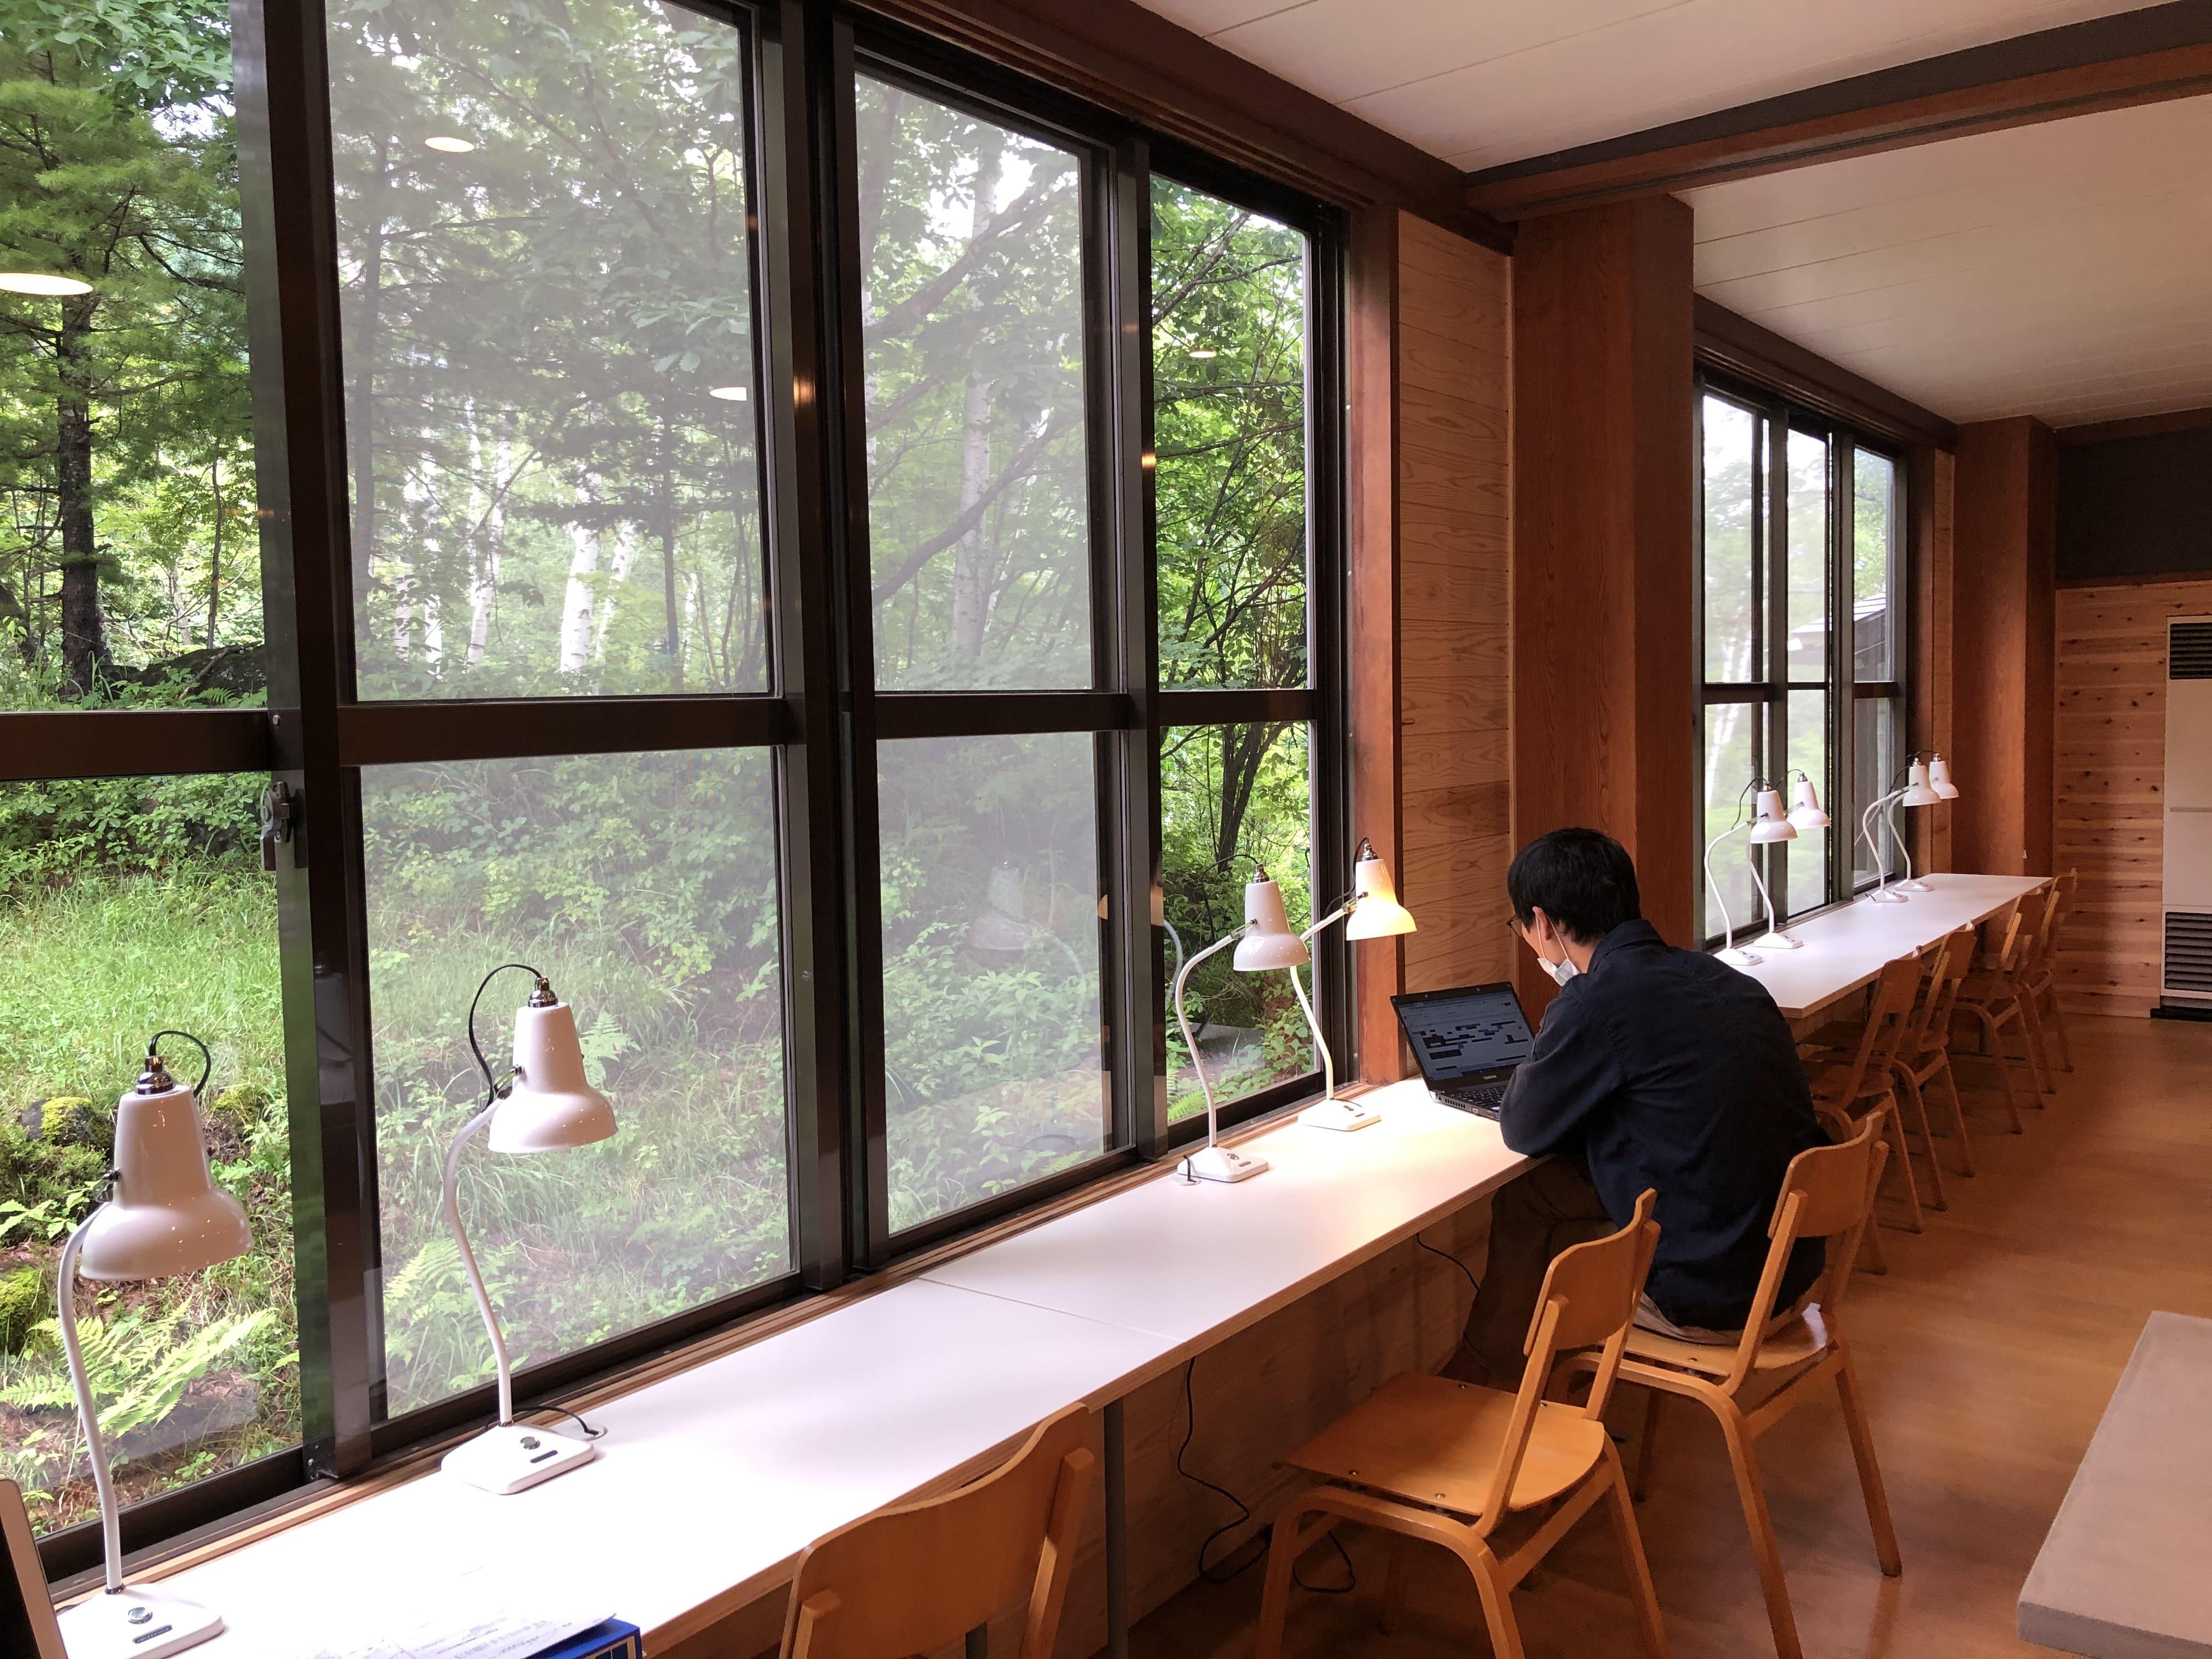 ワークスペース1:温泉の宿 ゲストハウス雷鳥 | Workations(ワーケーションズ)